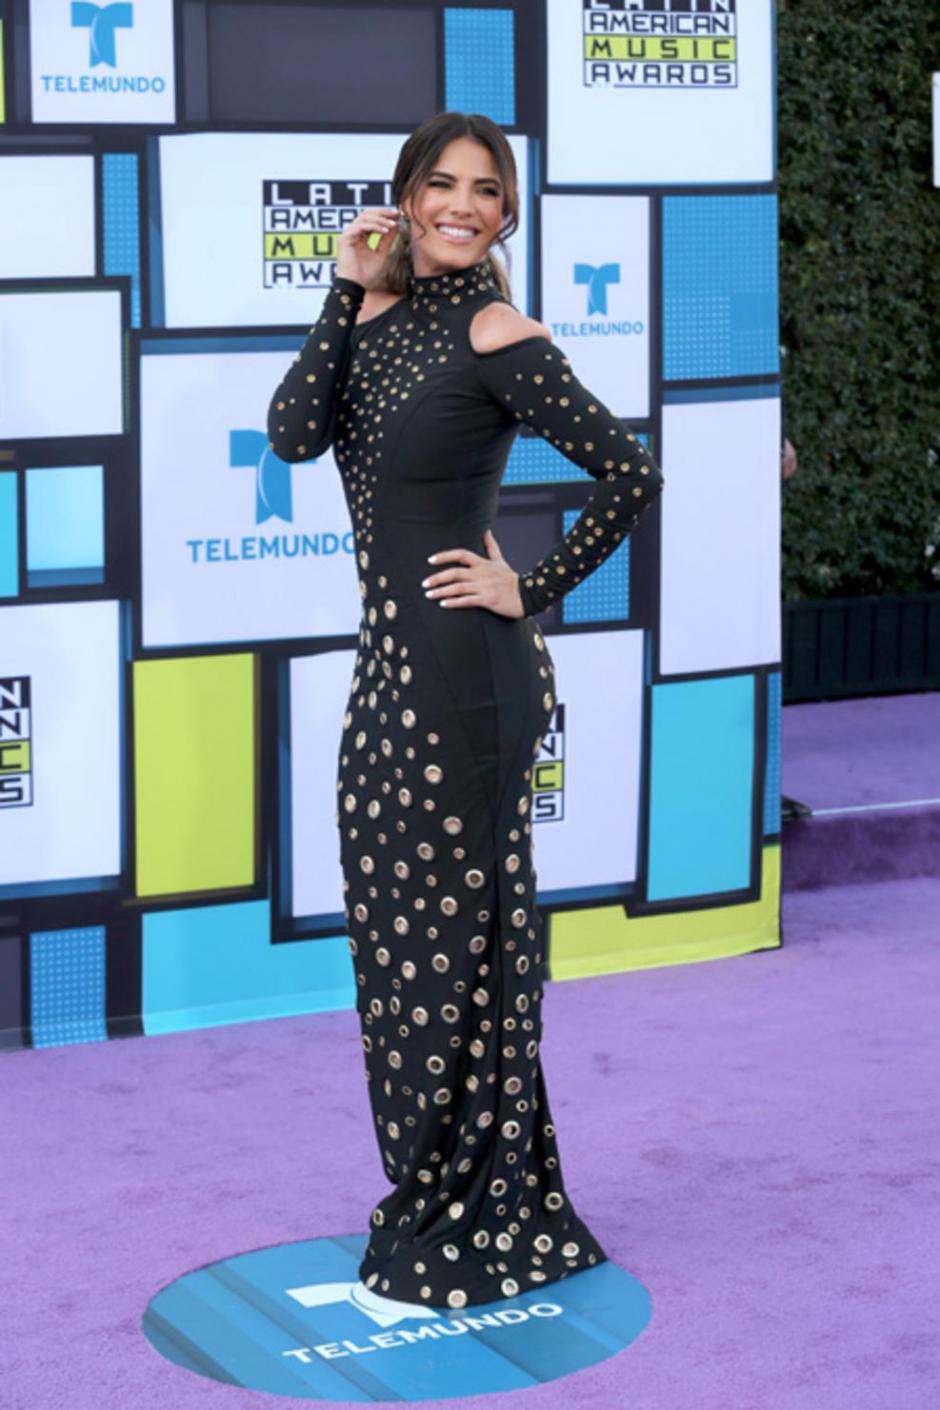 La modelo y actriz Gaby Espino. (Foto: Telemundo)